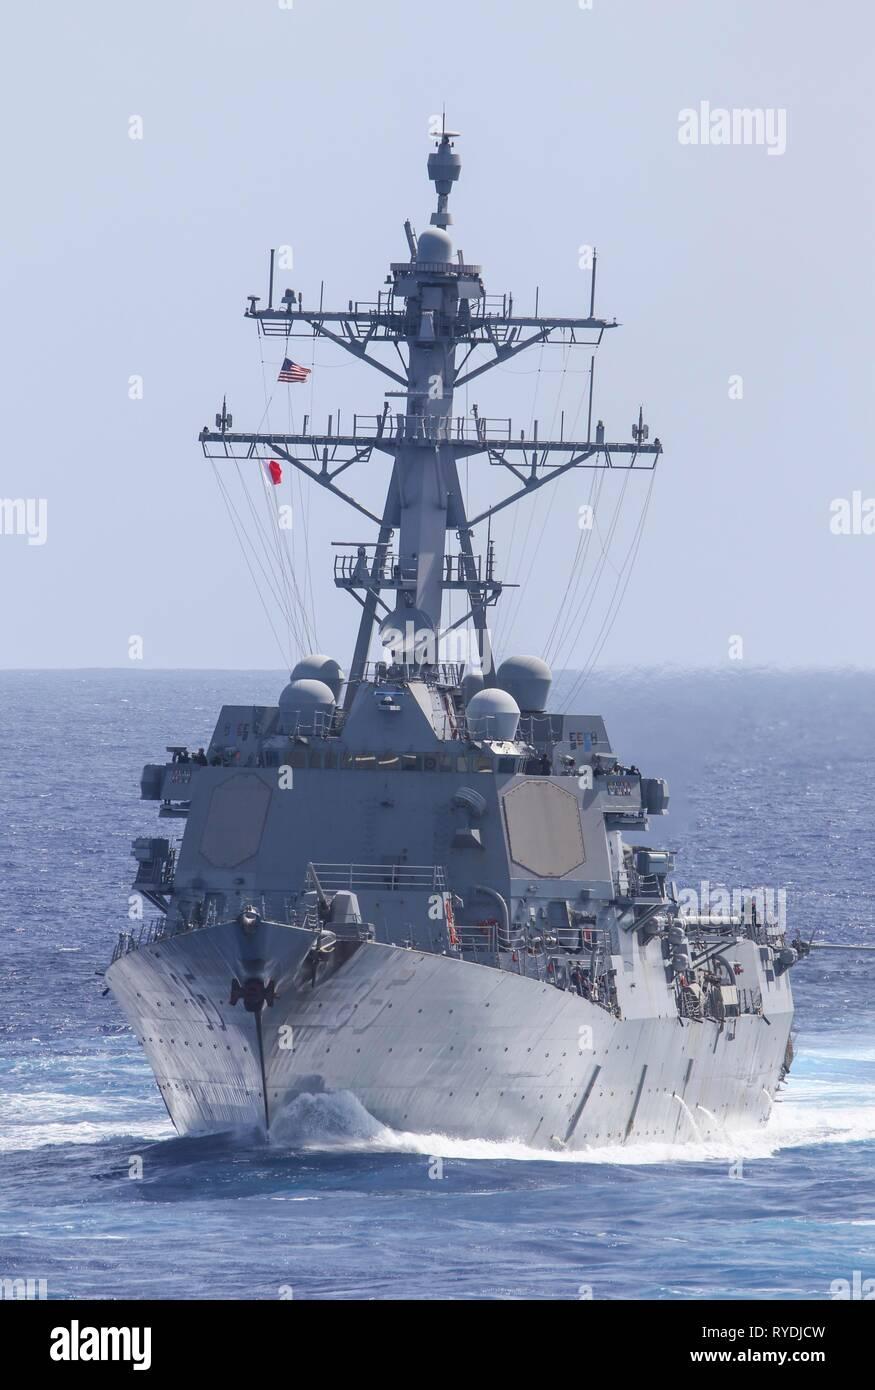 190311-N-DX 072-1205 PAZIFISCHEN OZEAN (11. März 2019) der Arleigh-Burke-Klasse geführte Anti-raketen-Zerstörer USS McCampbell (DDG85) Transite zum Pazifischen Ozean während einer Übung mit anderen U.S. Navy Kriegsschiffe. U.S. Navy Kriegsschiffe Zug zusammen die taktischen Kenntnisse, Letalität zu erhöhen und die Interoperabilität der teilnehmenden Einheiten in einer Zeit, in der Große-Wettbewerb. (U.S. Marine Foto von Mass Communication Specialist 2. Klasse Anaid Bañuelos Rodriguez) Stockfoto